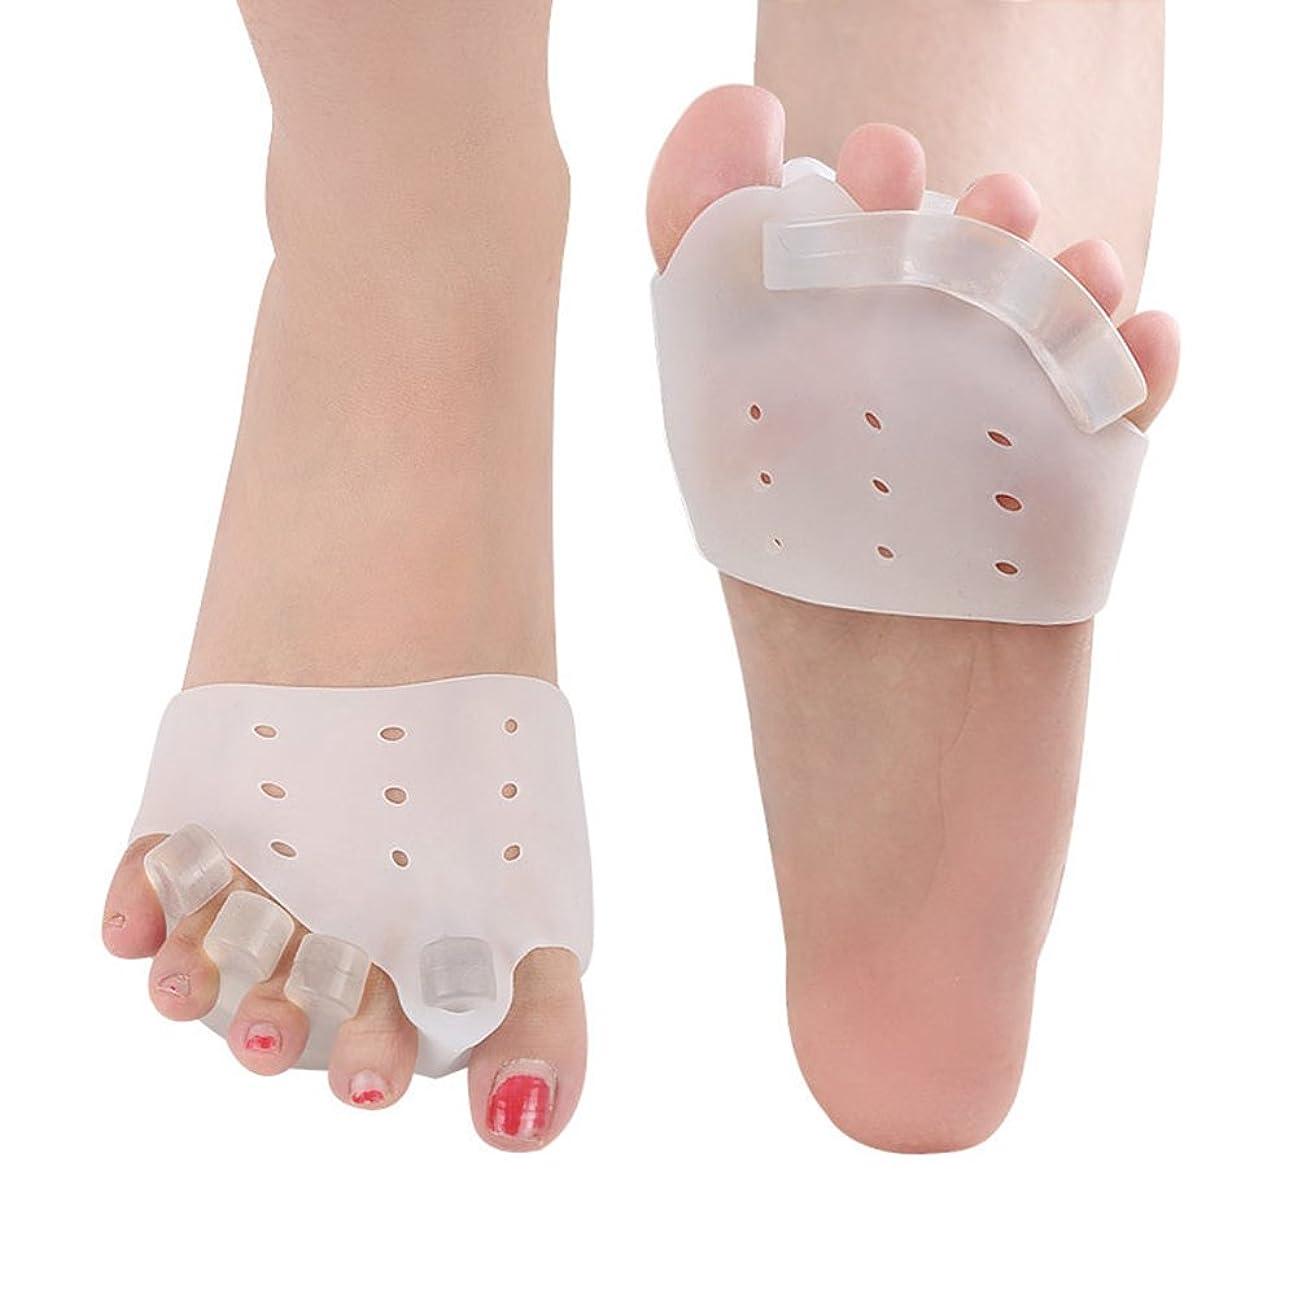 ファックス手術小川5ペア/セットバニオンプロテクターつま先矯正シリコーンつま先セパレータ親指足ケア足の痛み外反母趾ツール